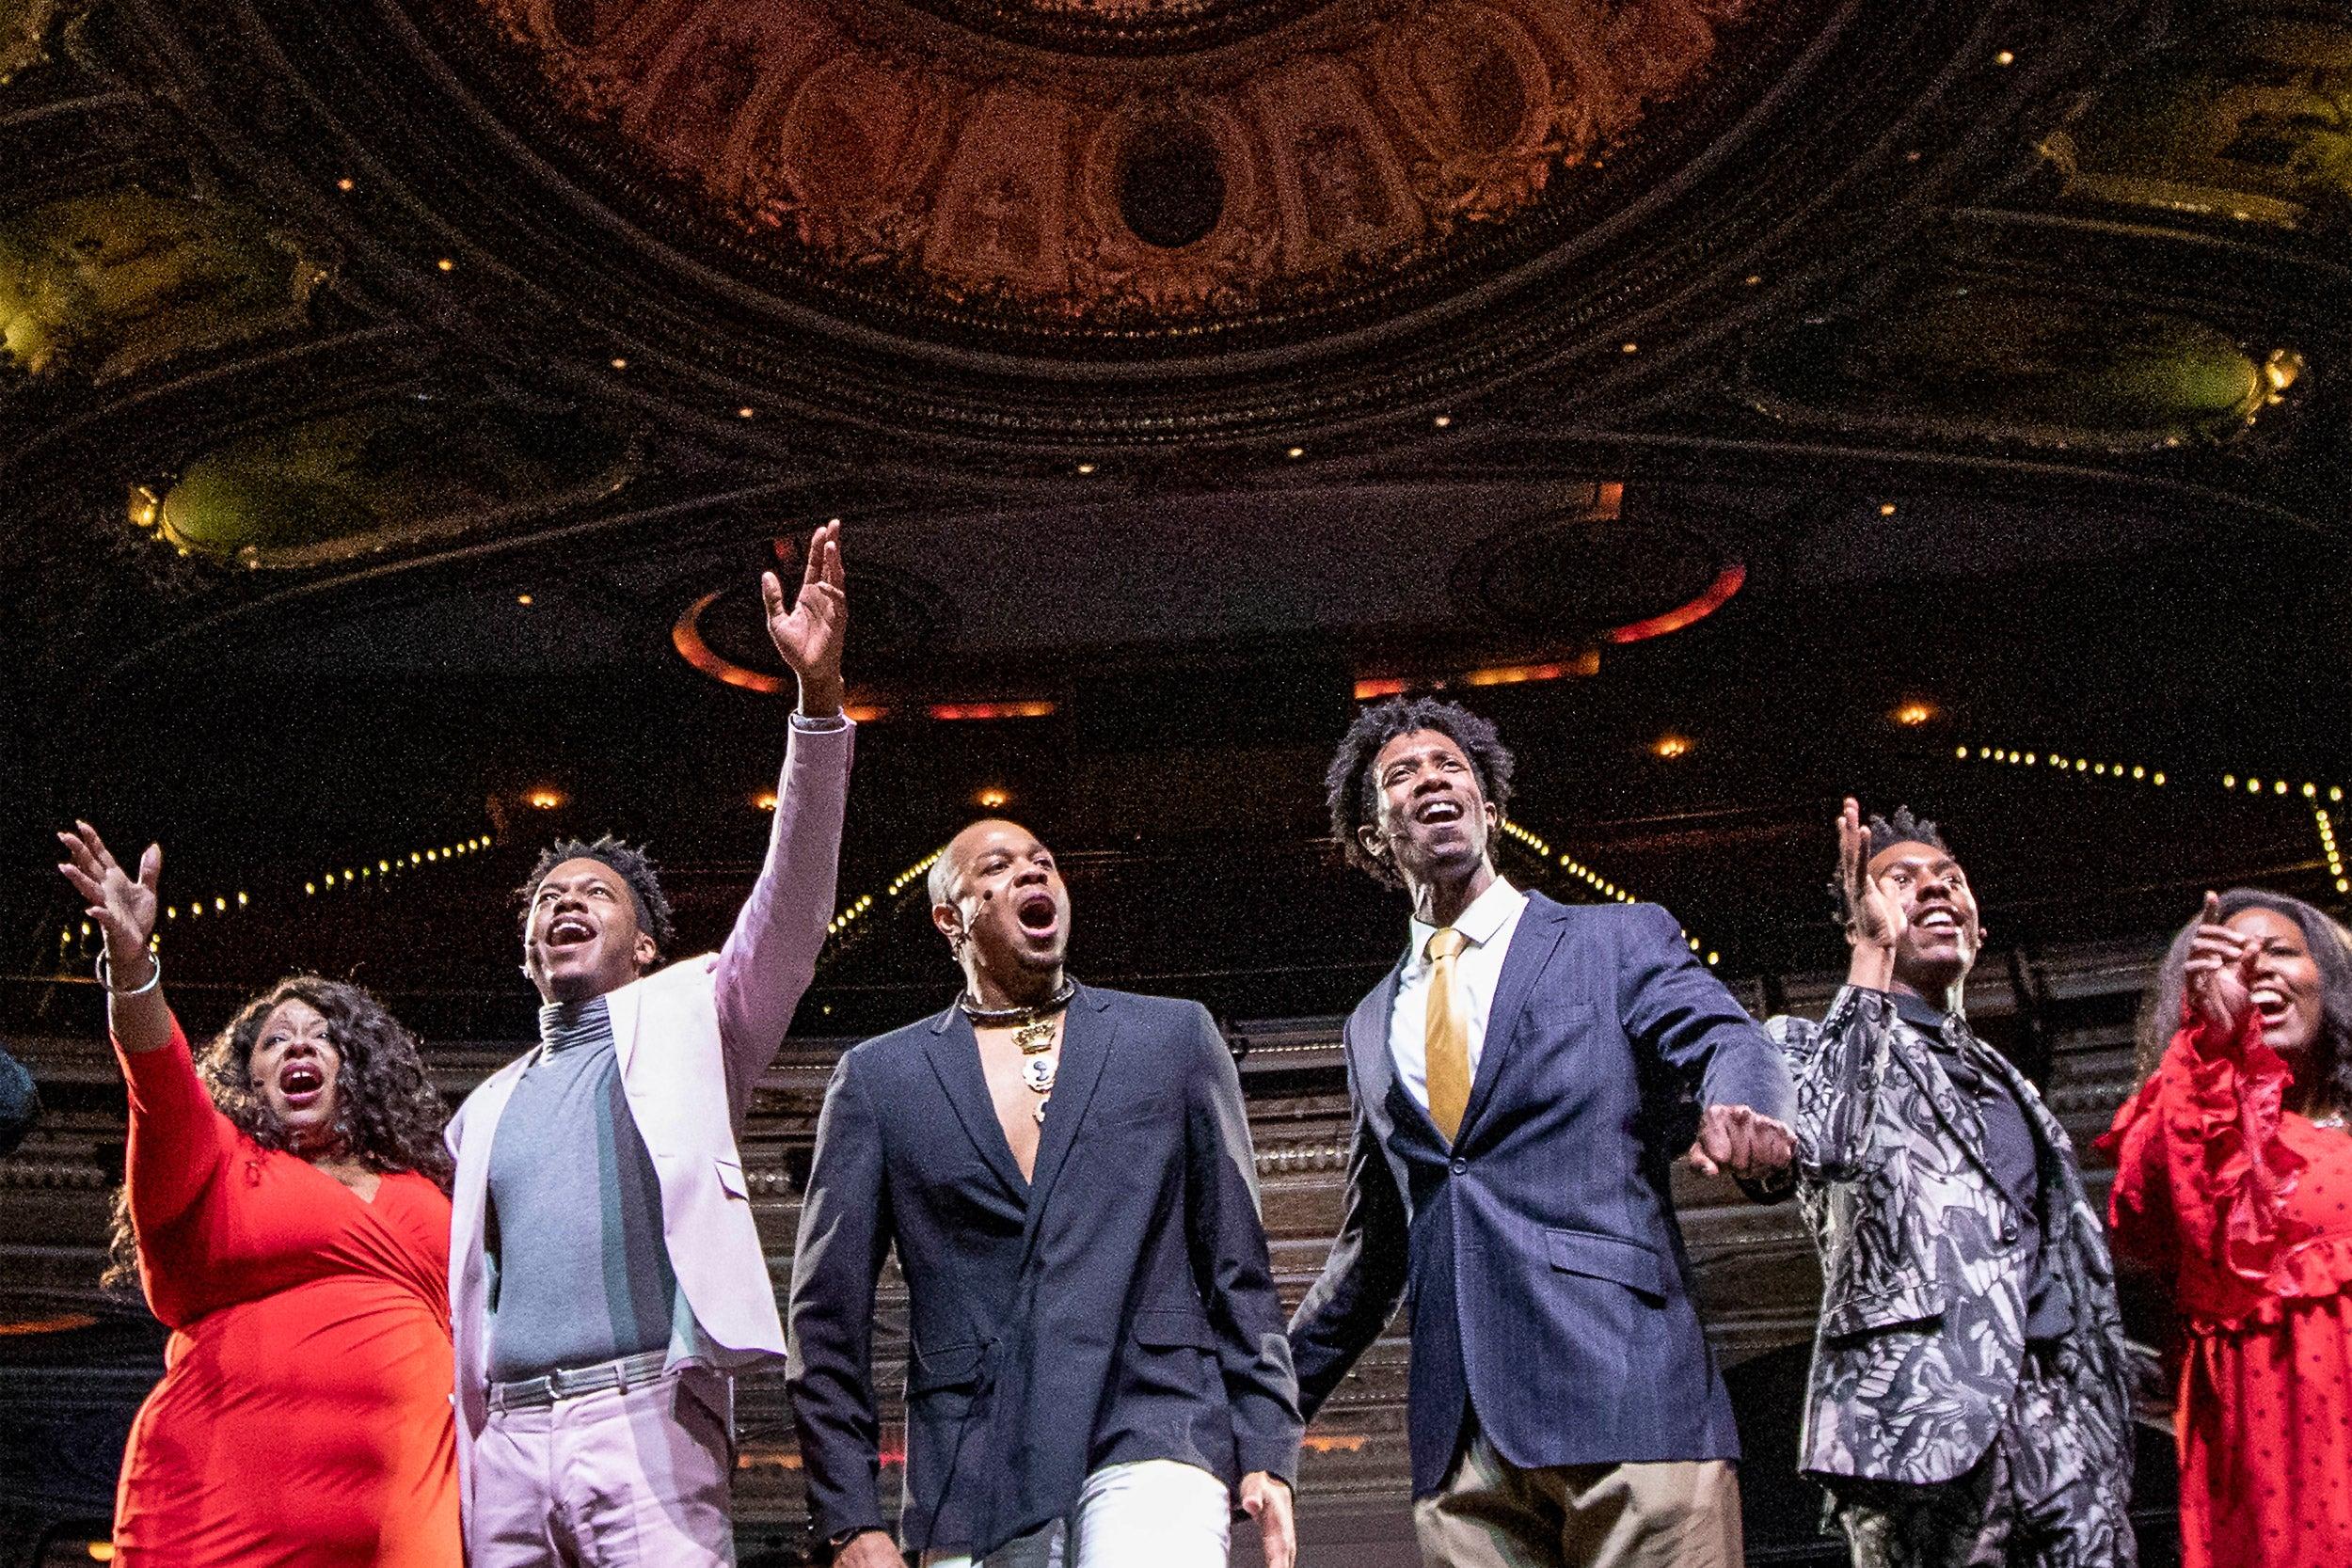 Black Clown cast at ART gala